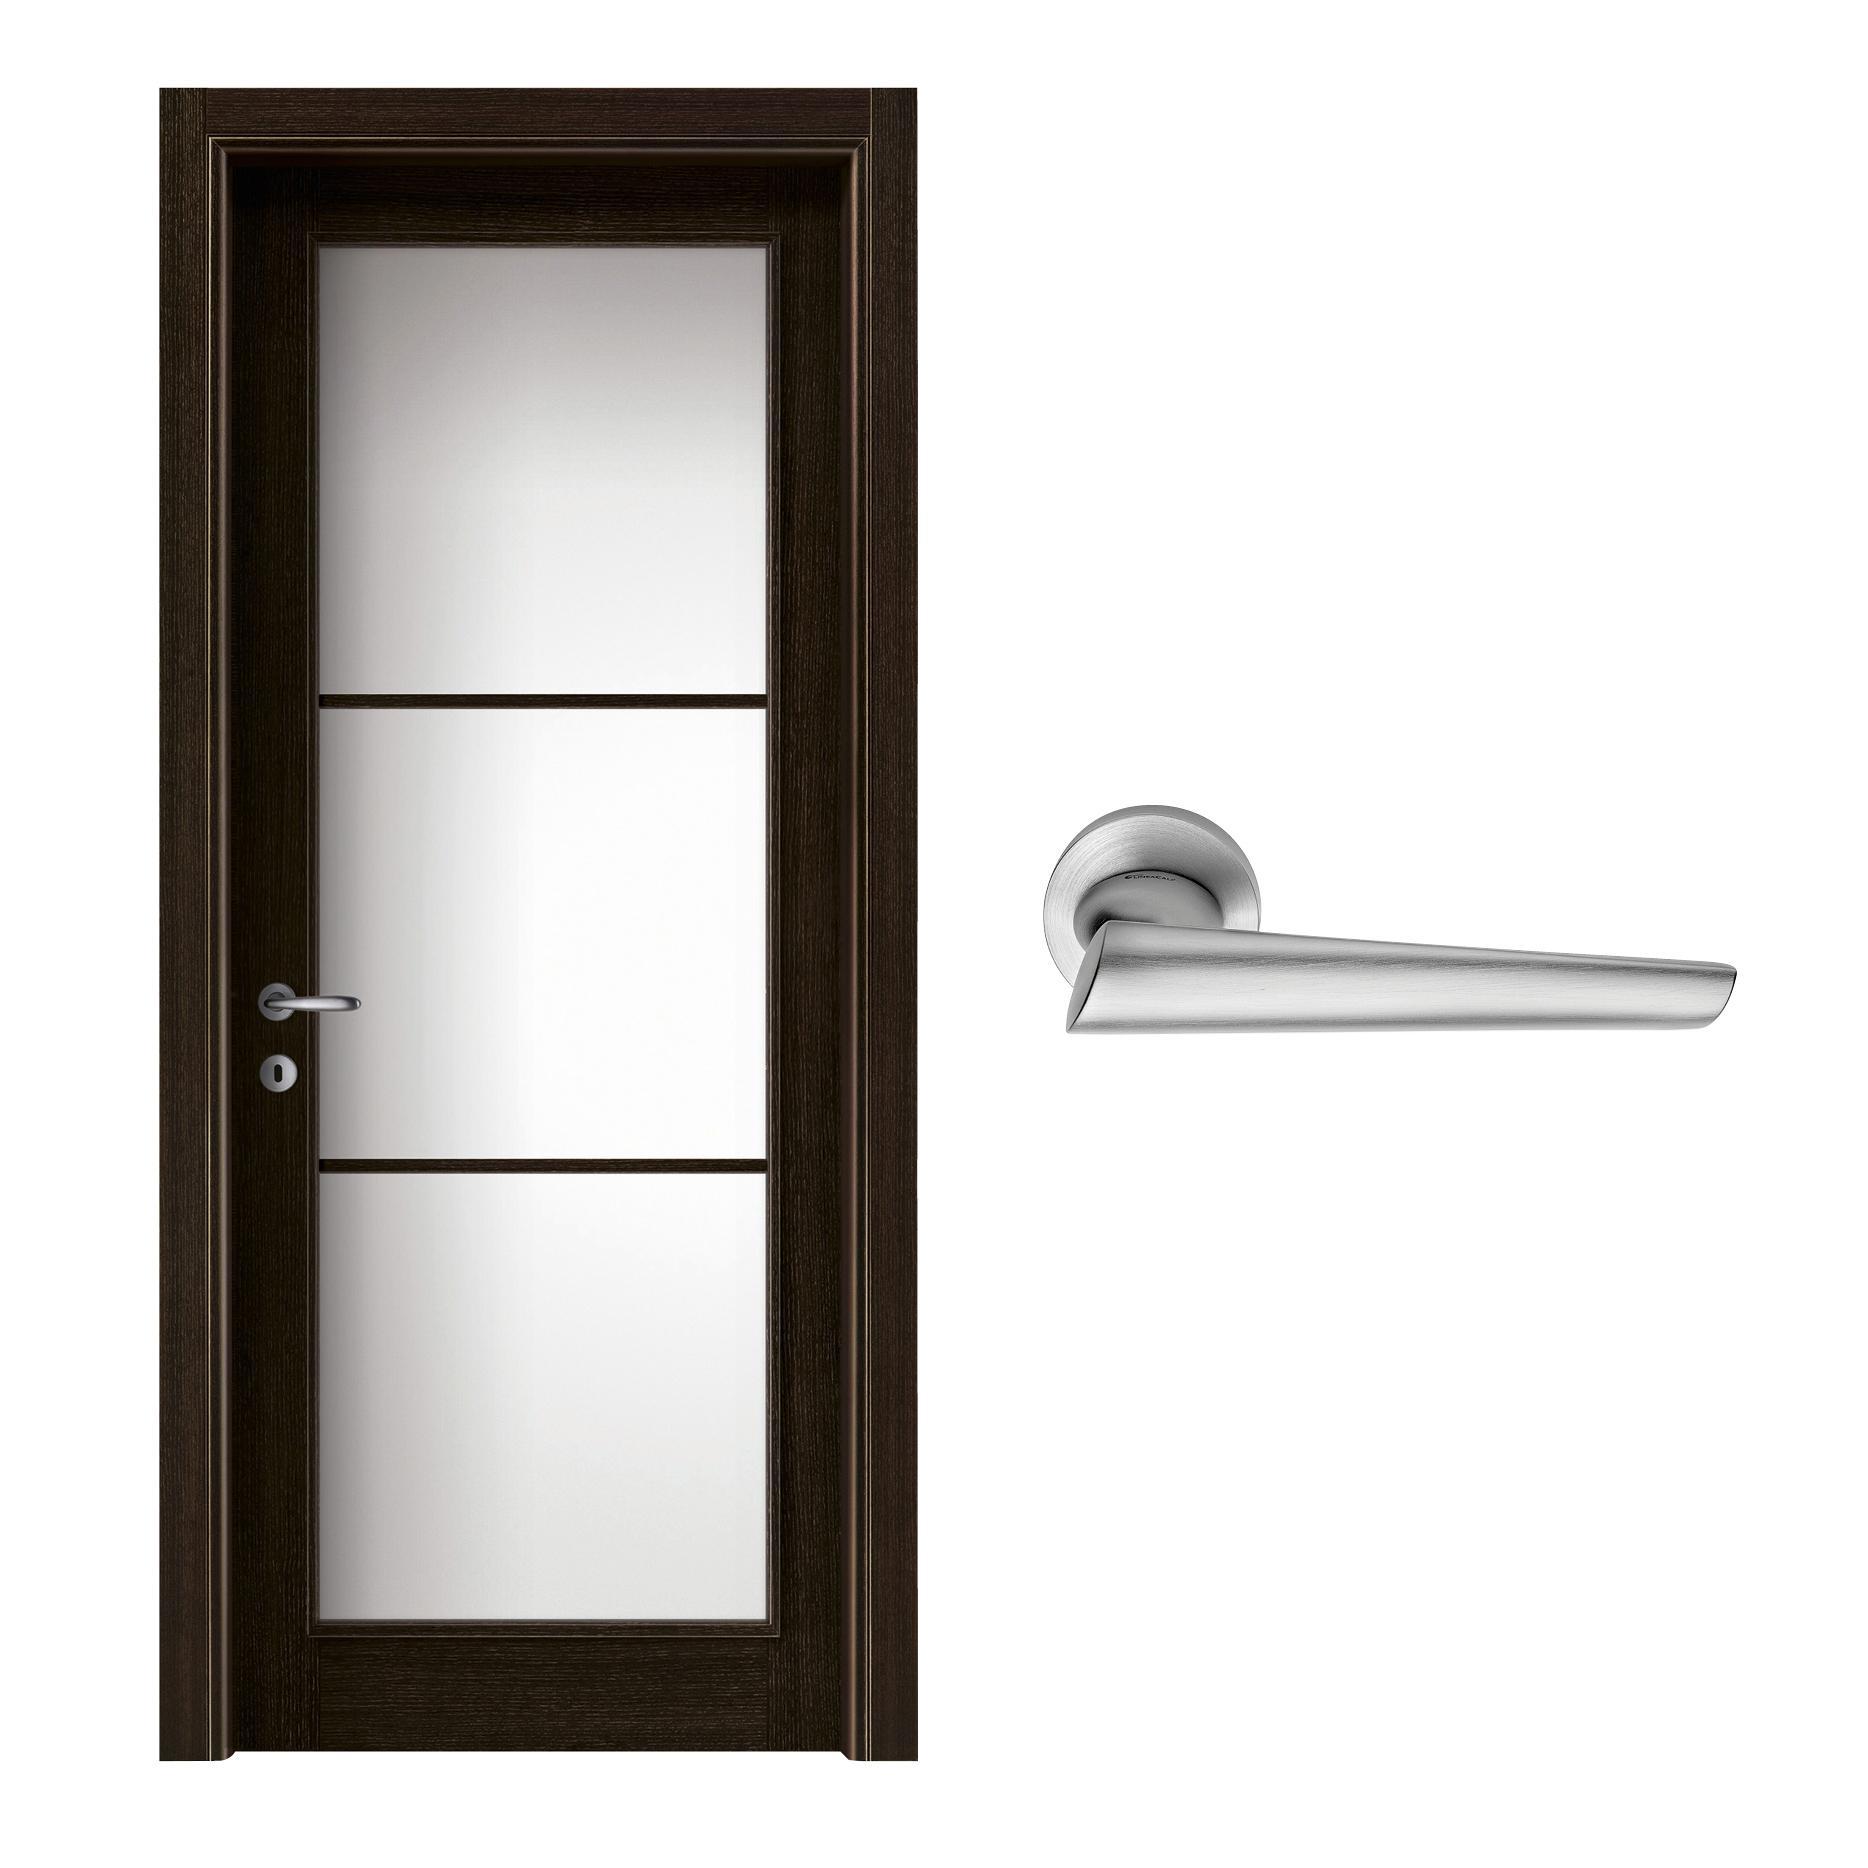 Porte Con Vetro Satinato abbinare porte e maniglie: come scegliere stili e colori